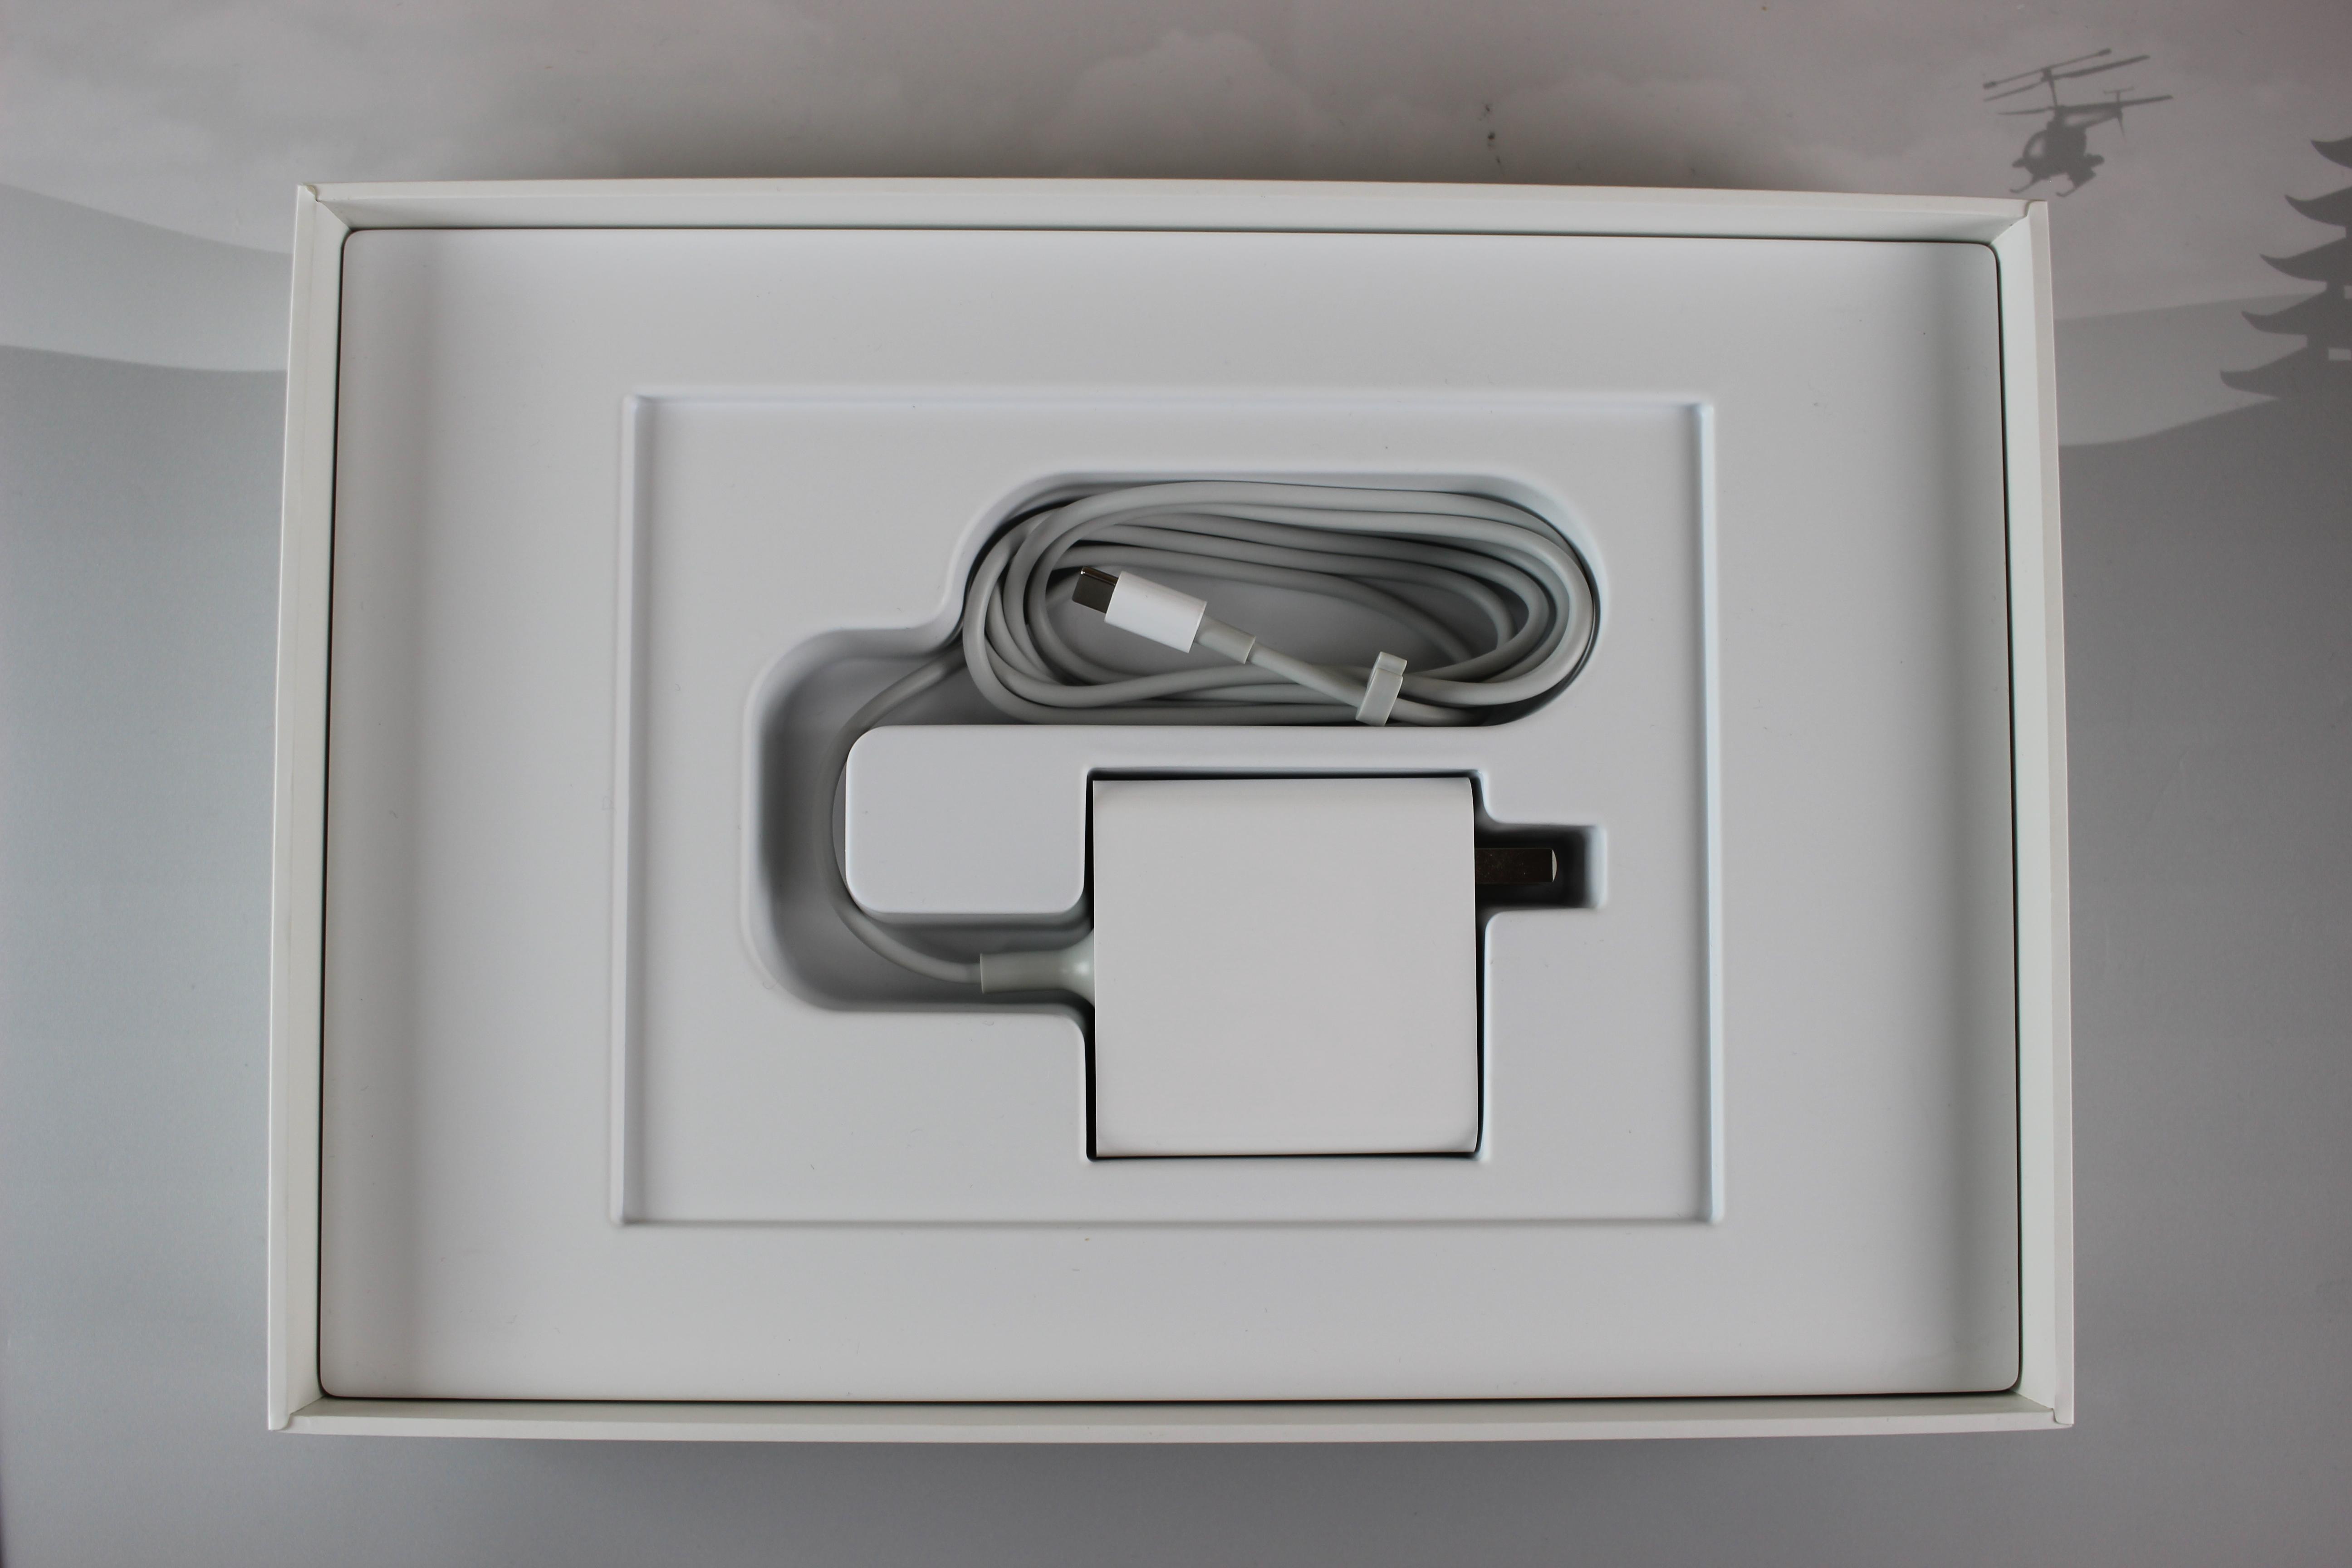 Xiaomi Mi Air Zubehör Das US Netzteil braucht noch einen Adapter